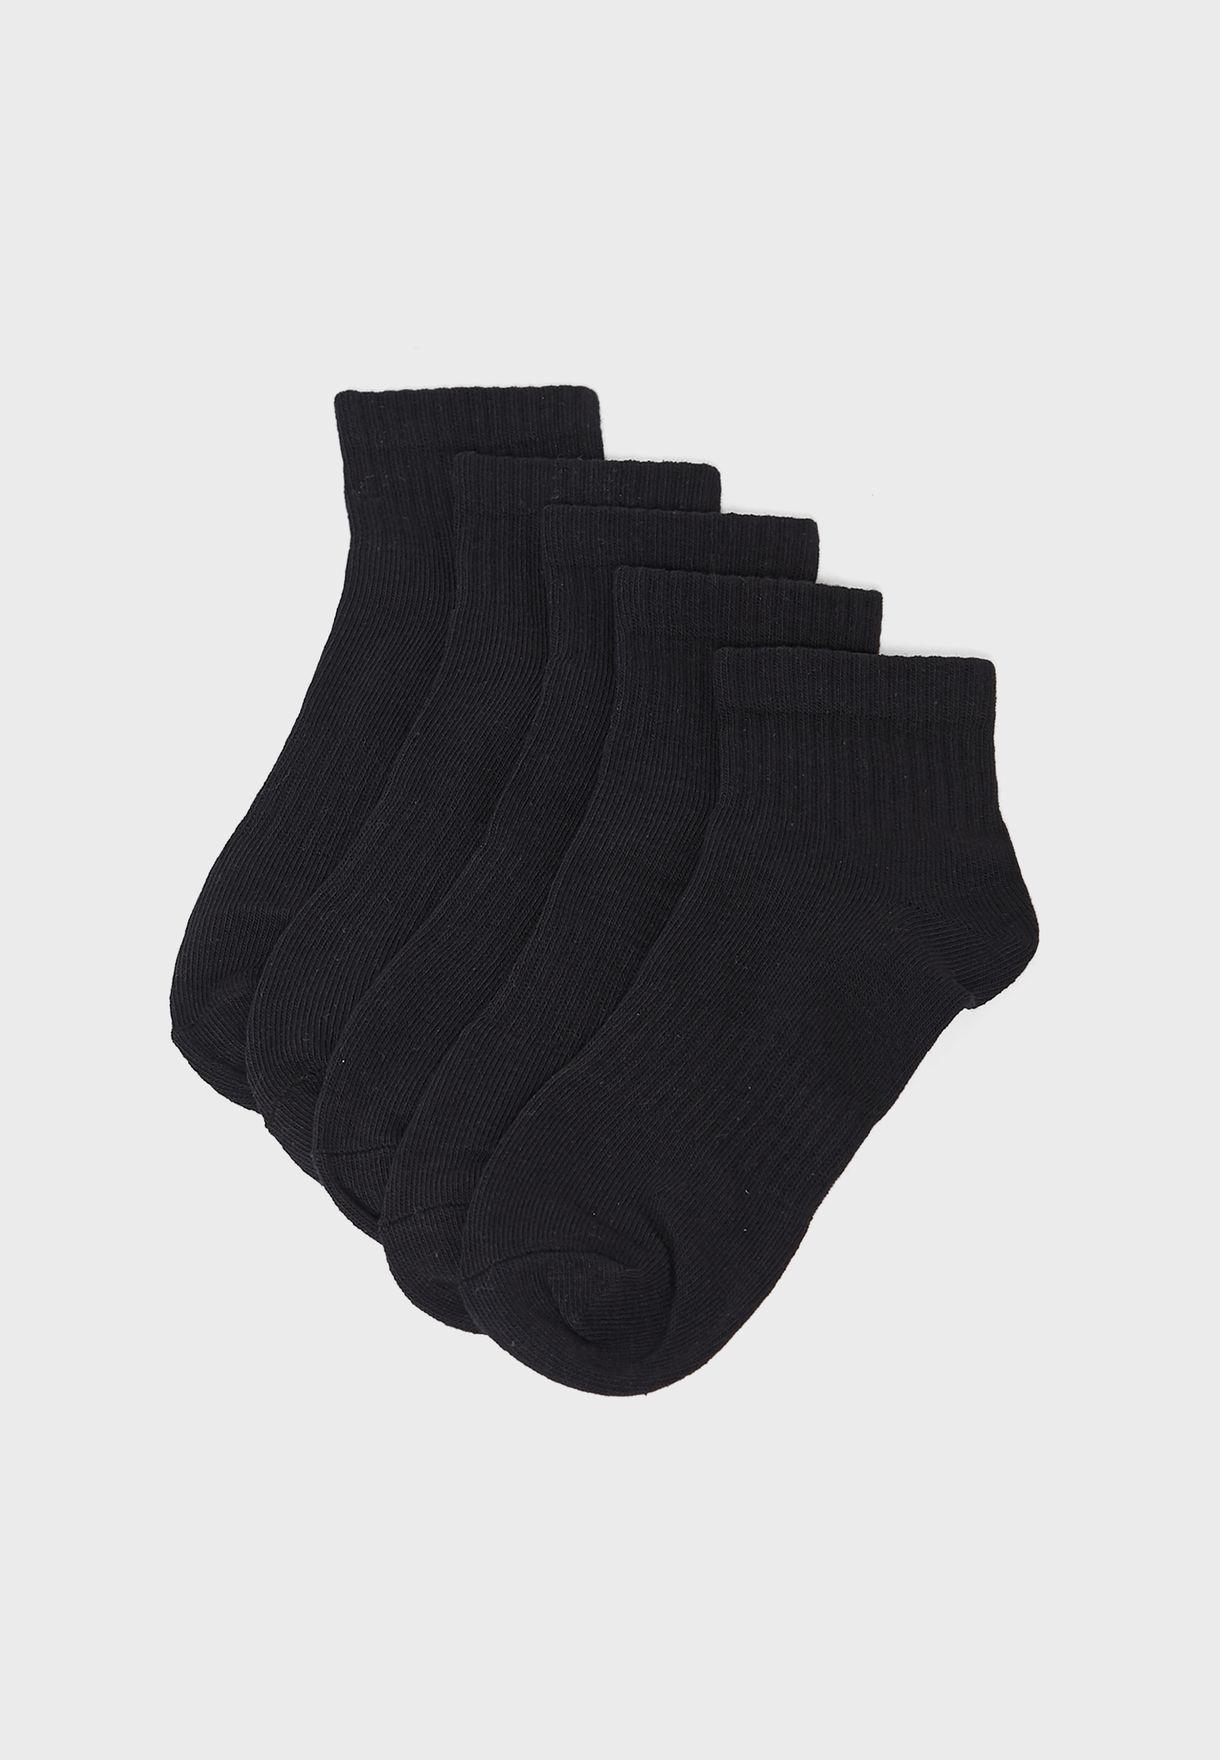 5 Pack Plain Socks